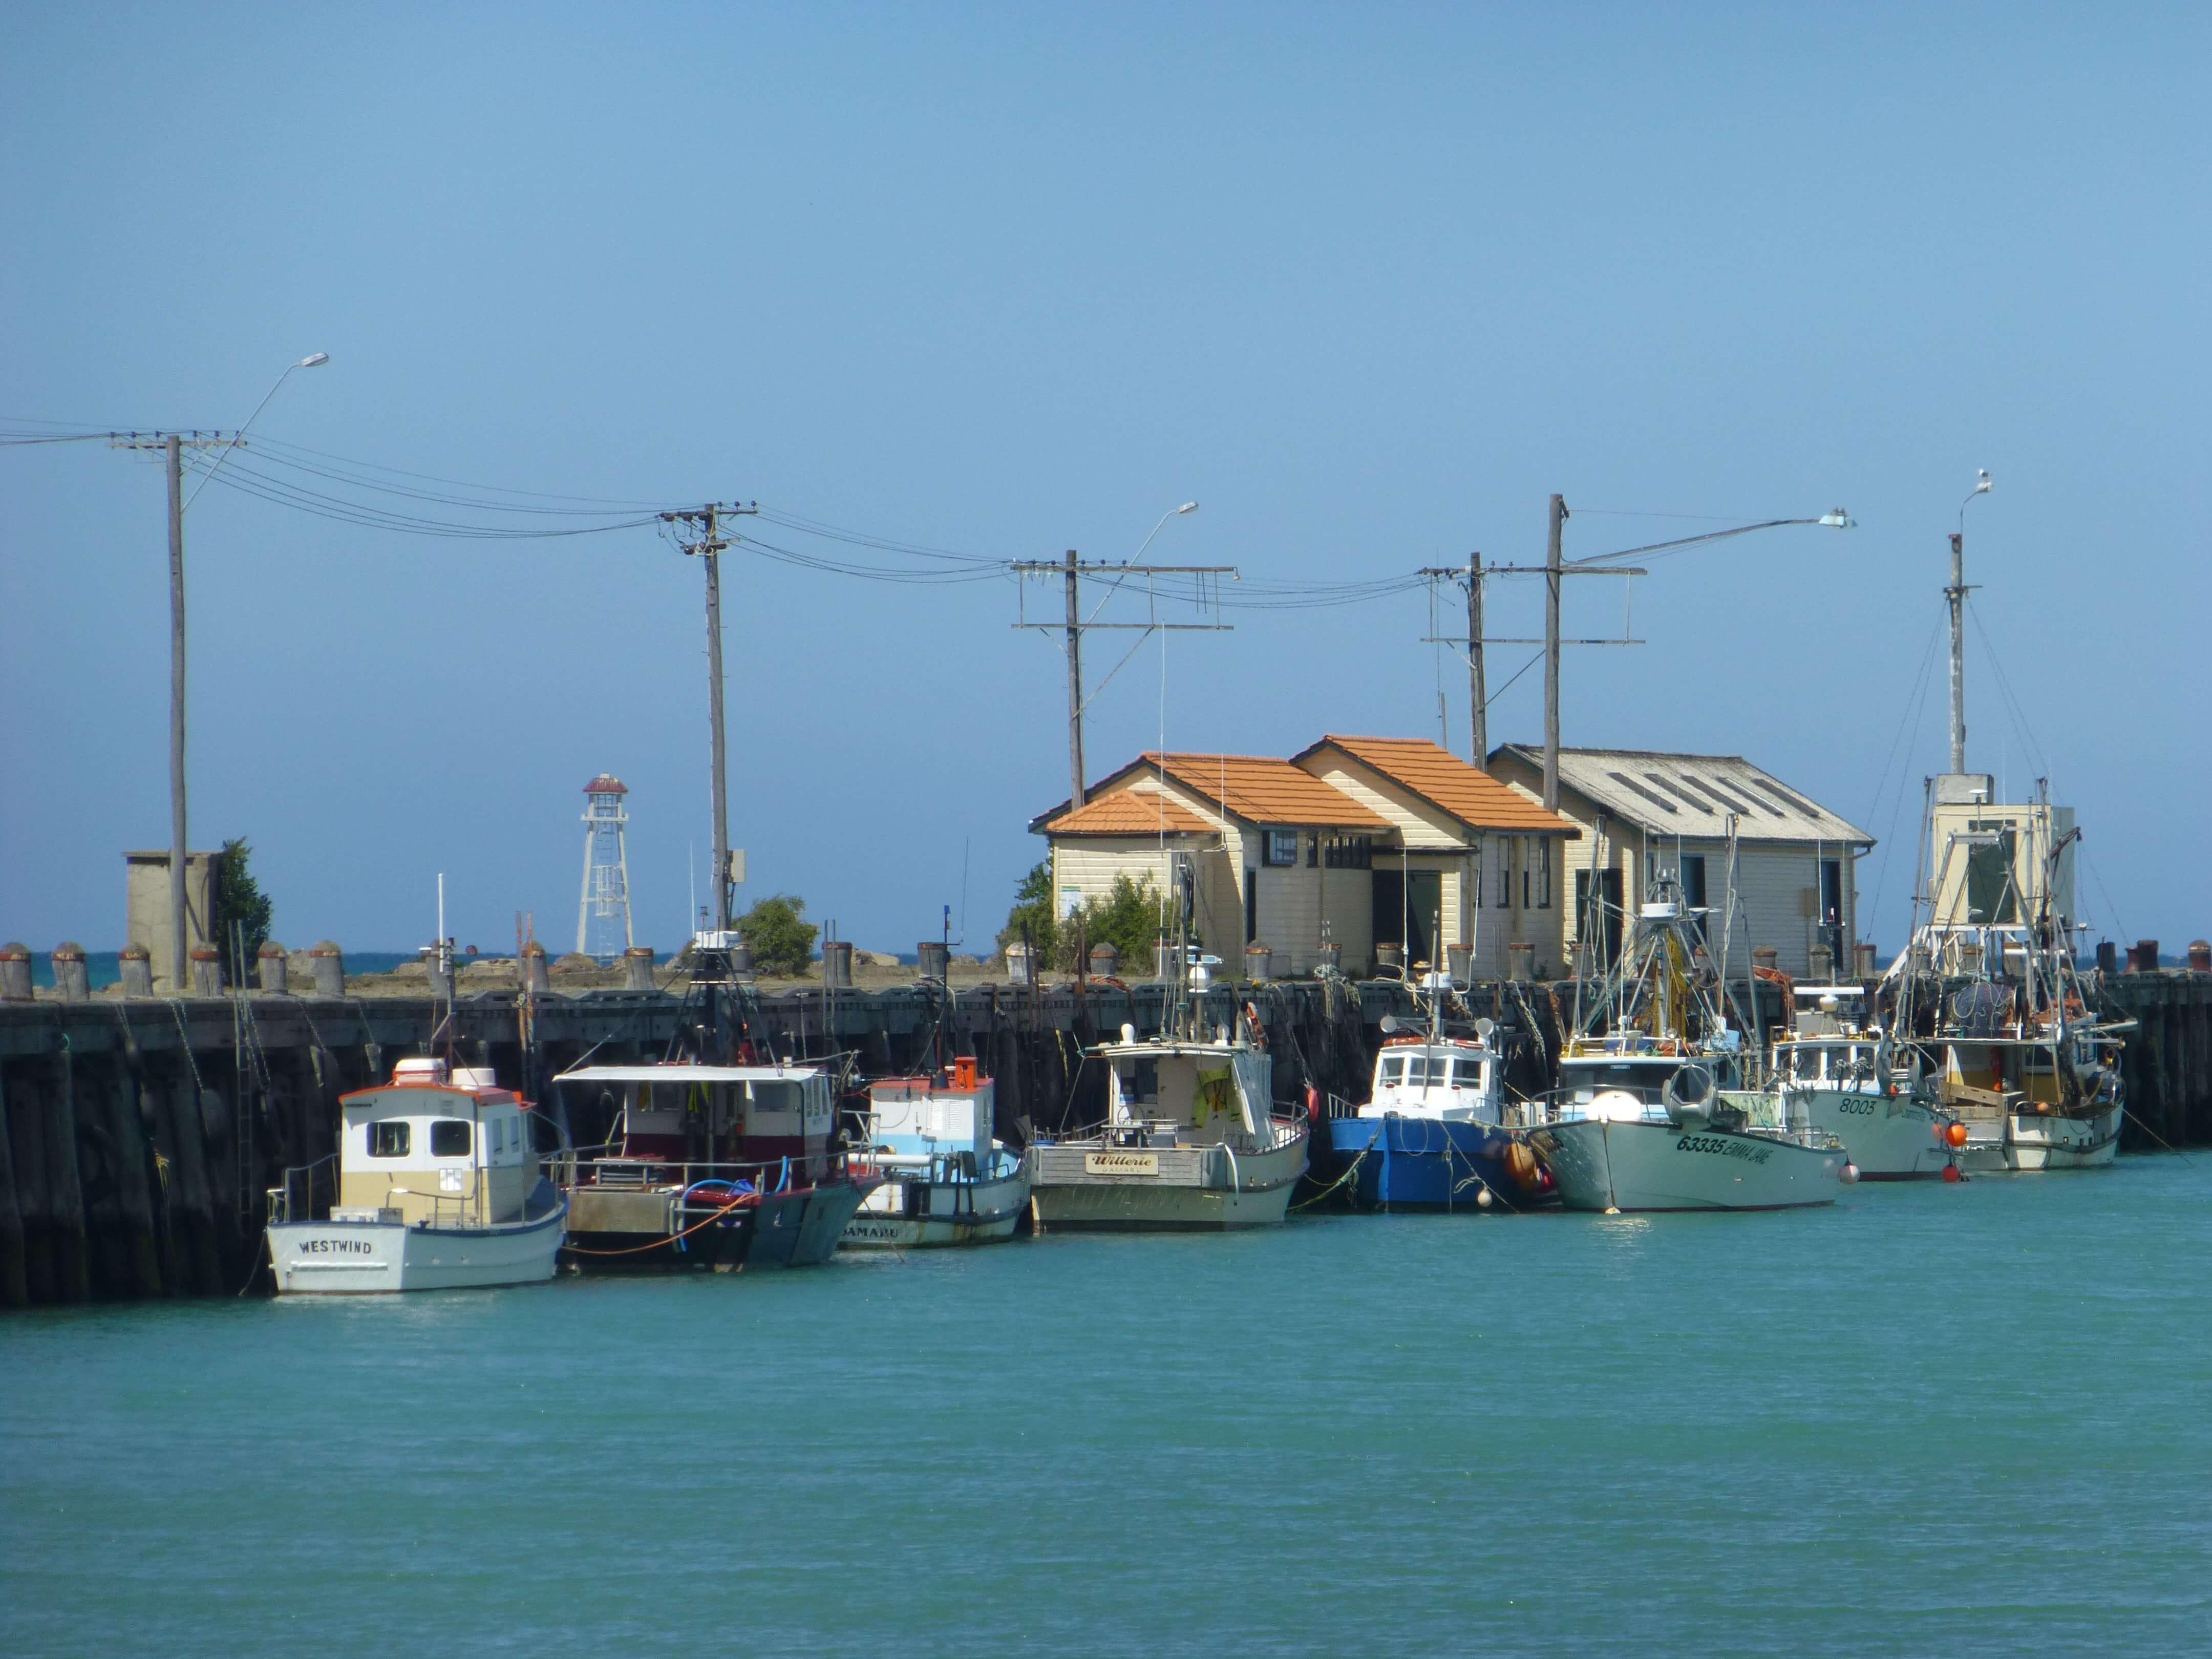 Im Hafen von Oamaru, Neuseeland 6